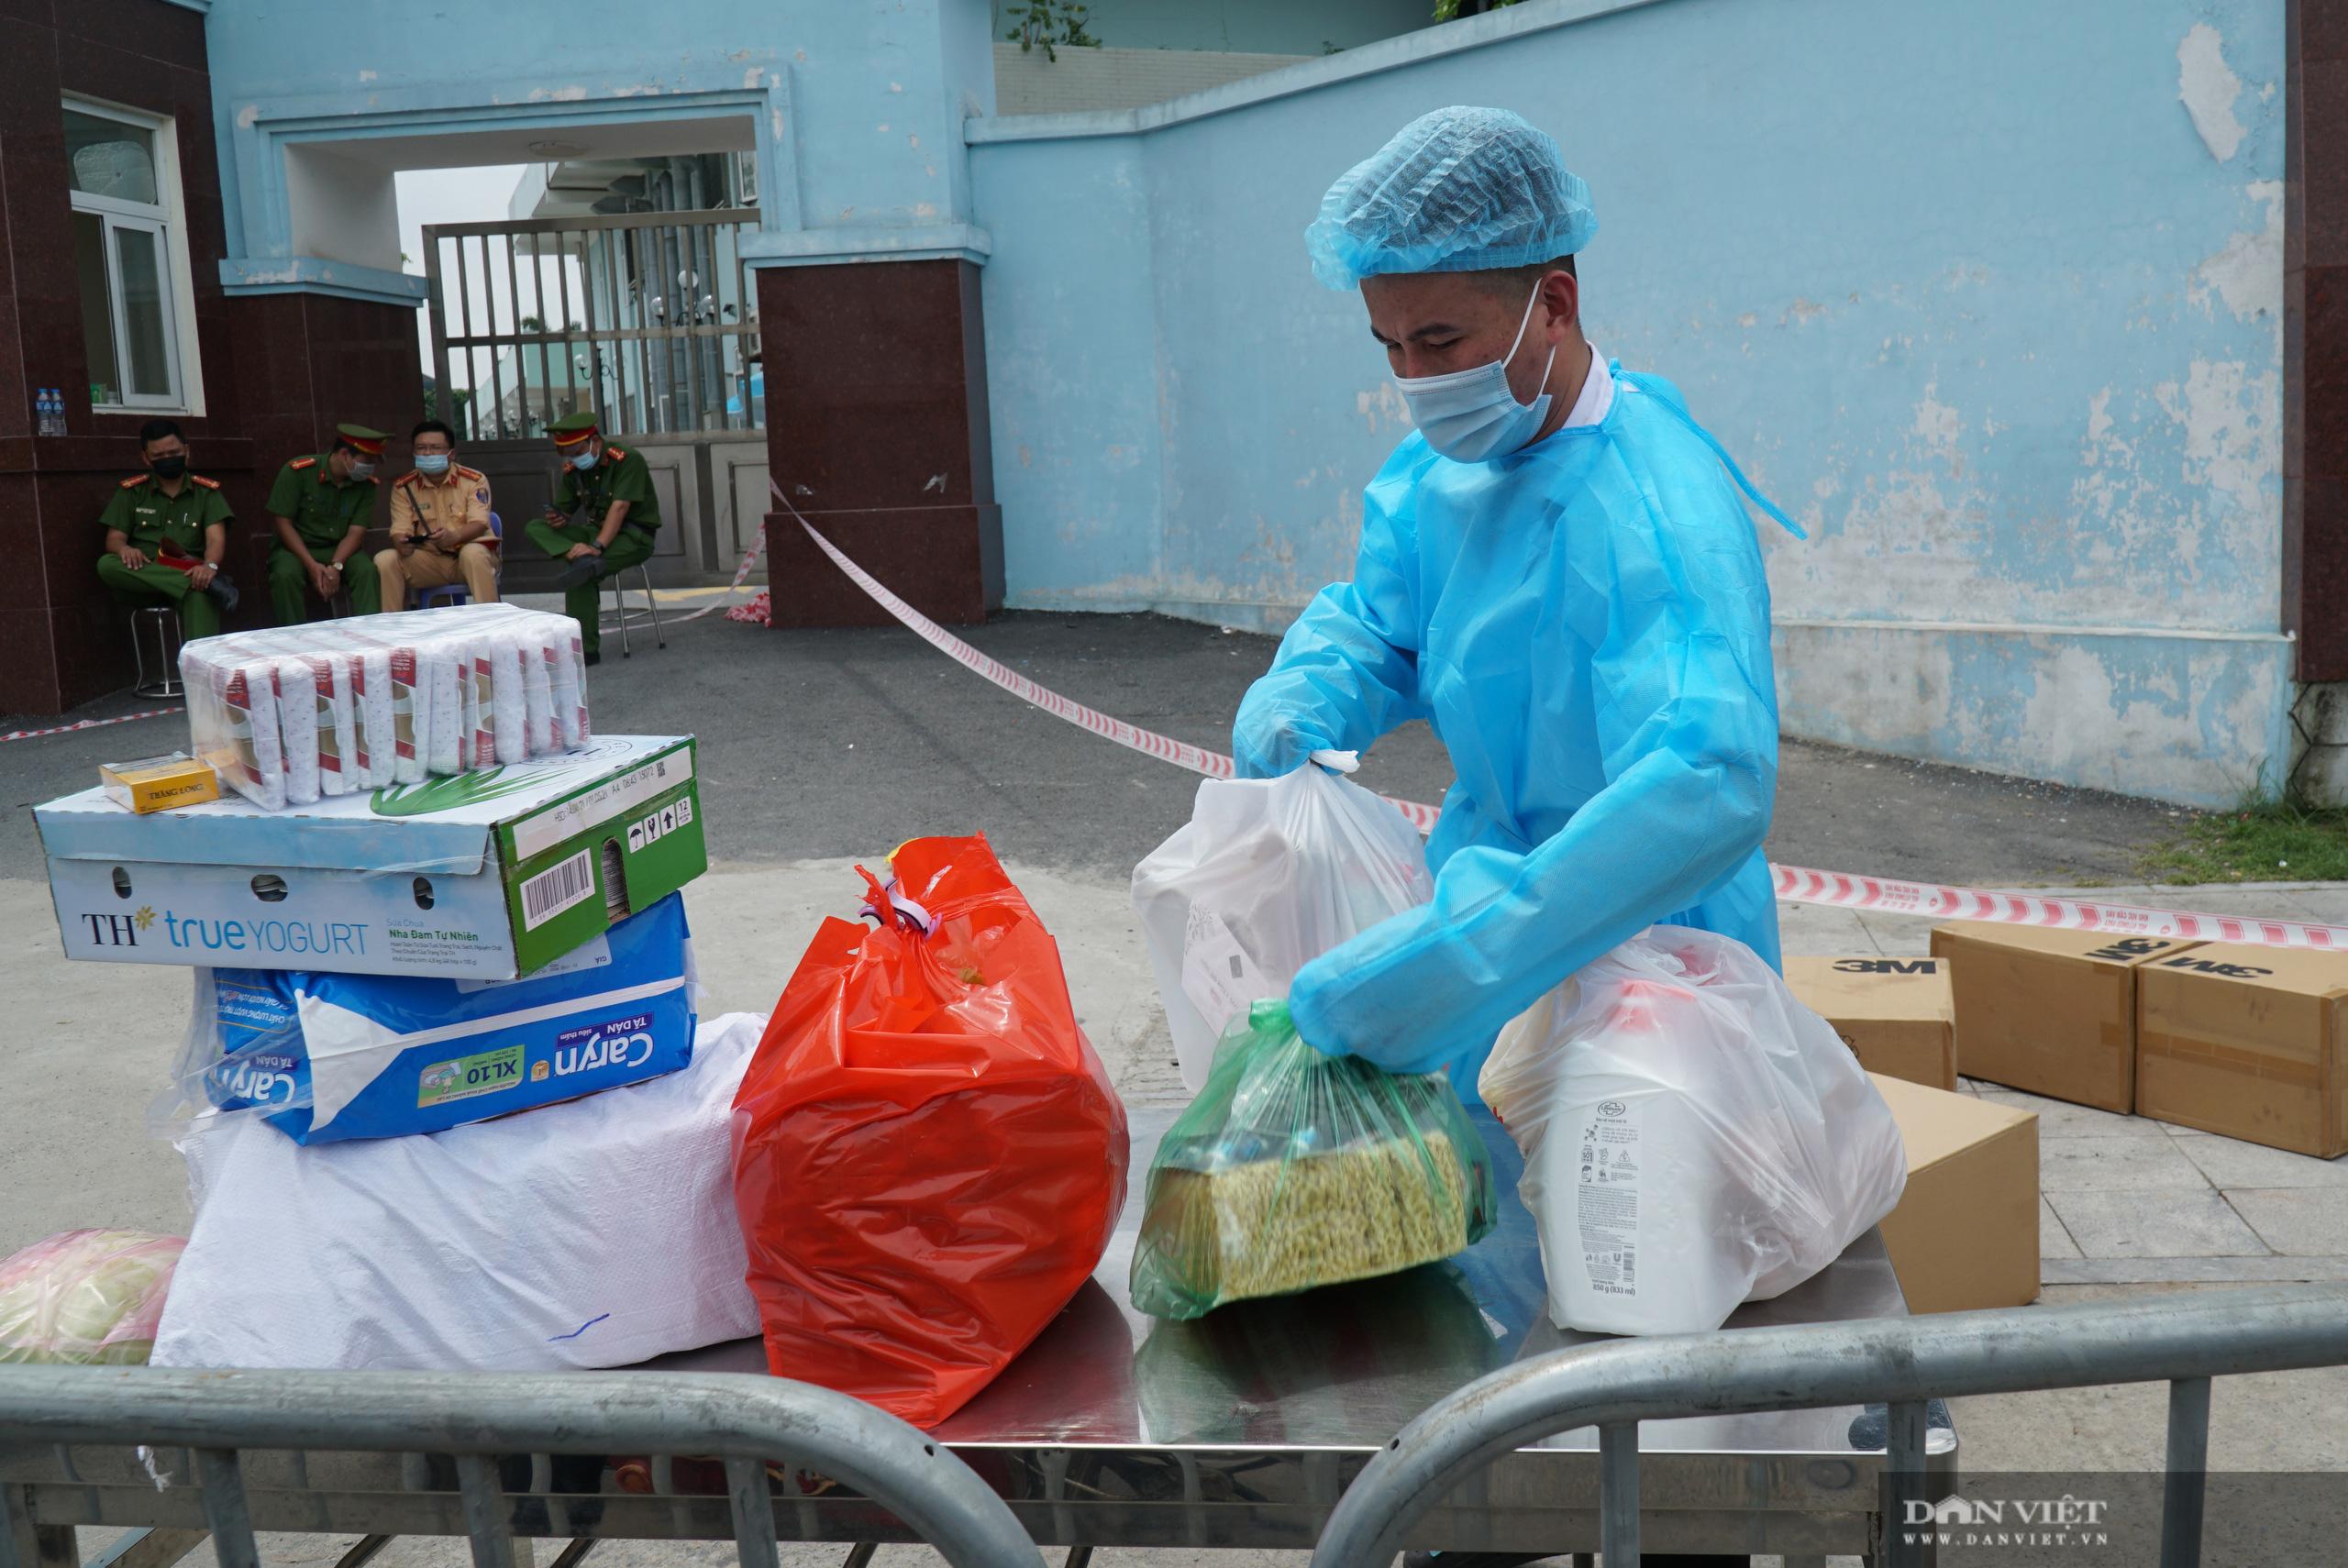 Bệnh viện K Tân Triều bị phong toả, người thân đội nắng tiếp tế đồ ăn - Ảnh 10.